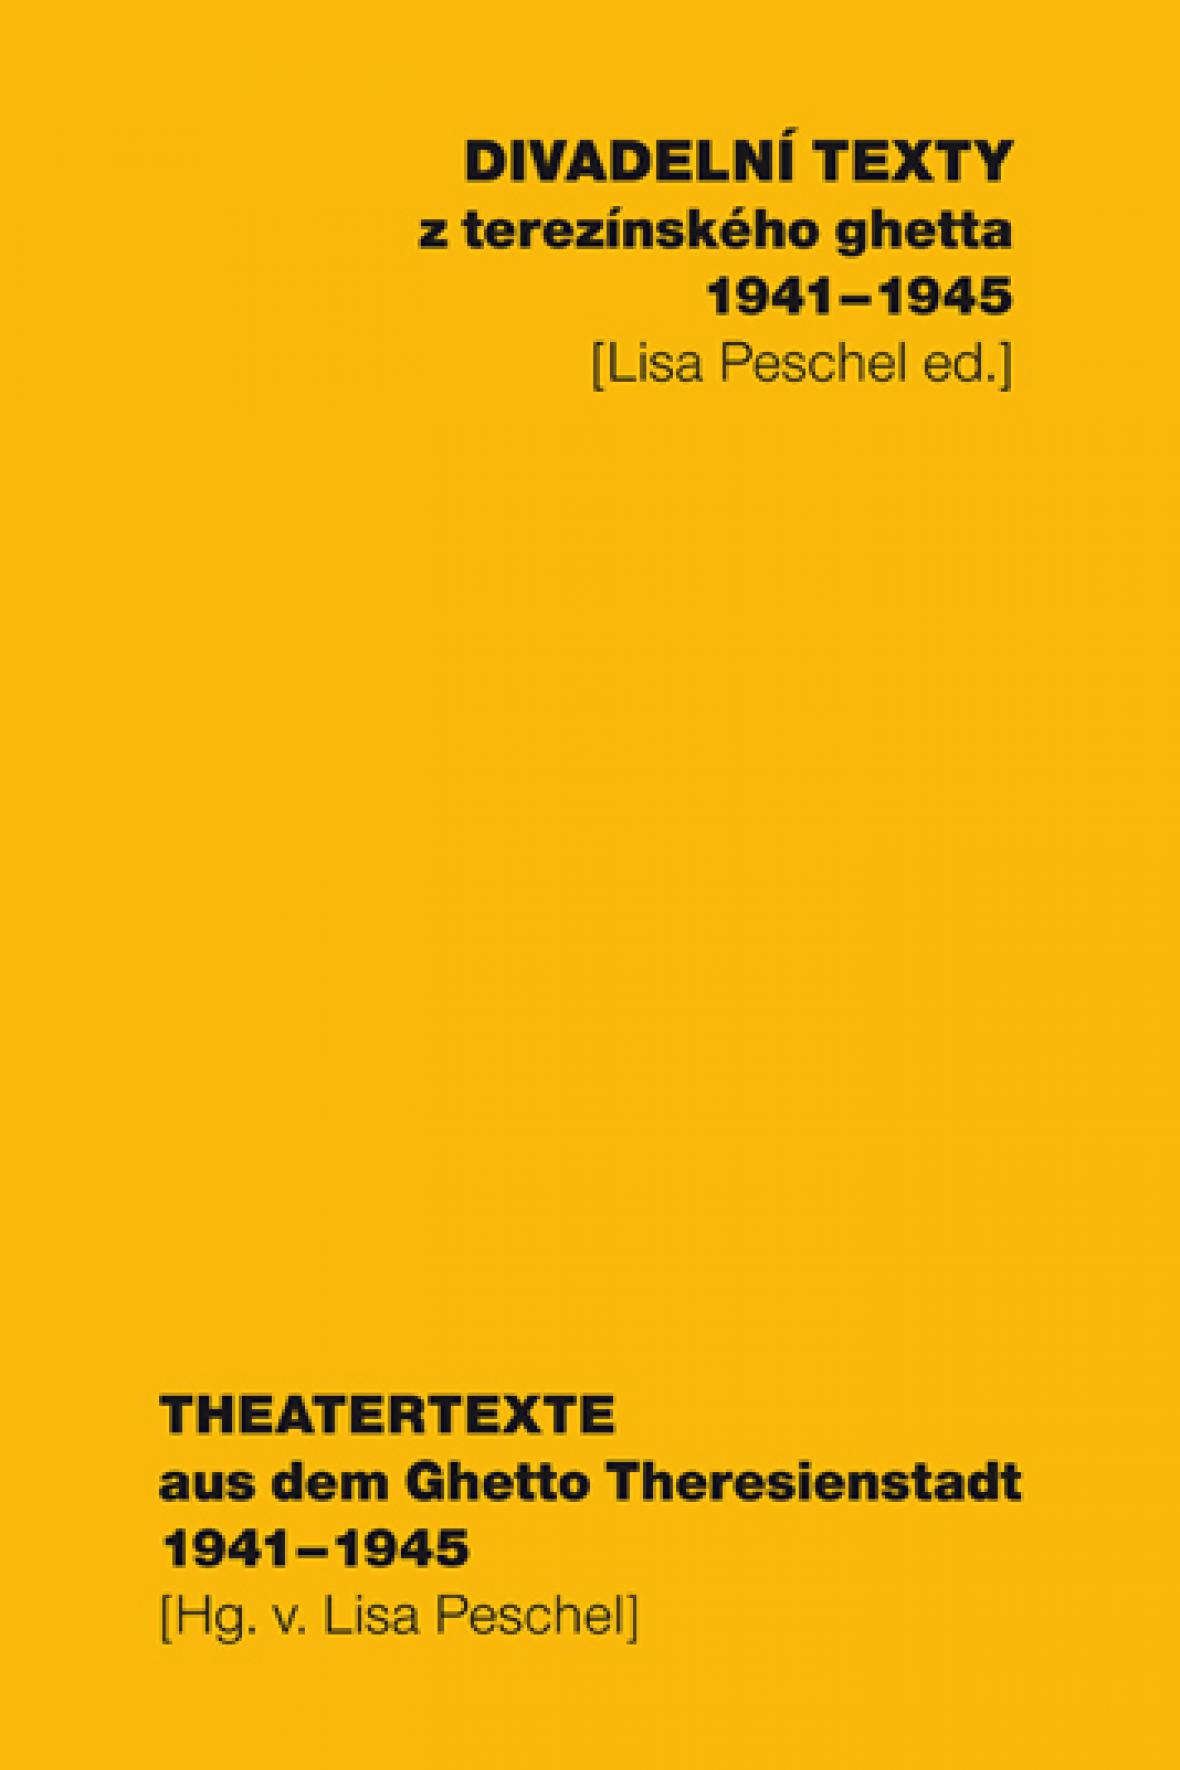 Divadelní texty z terezínského ghetta